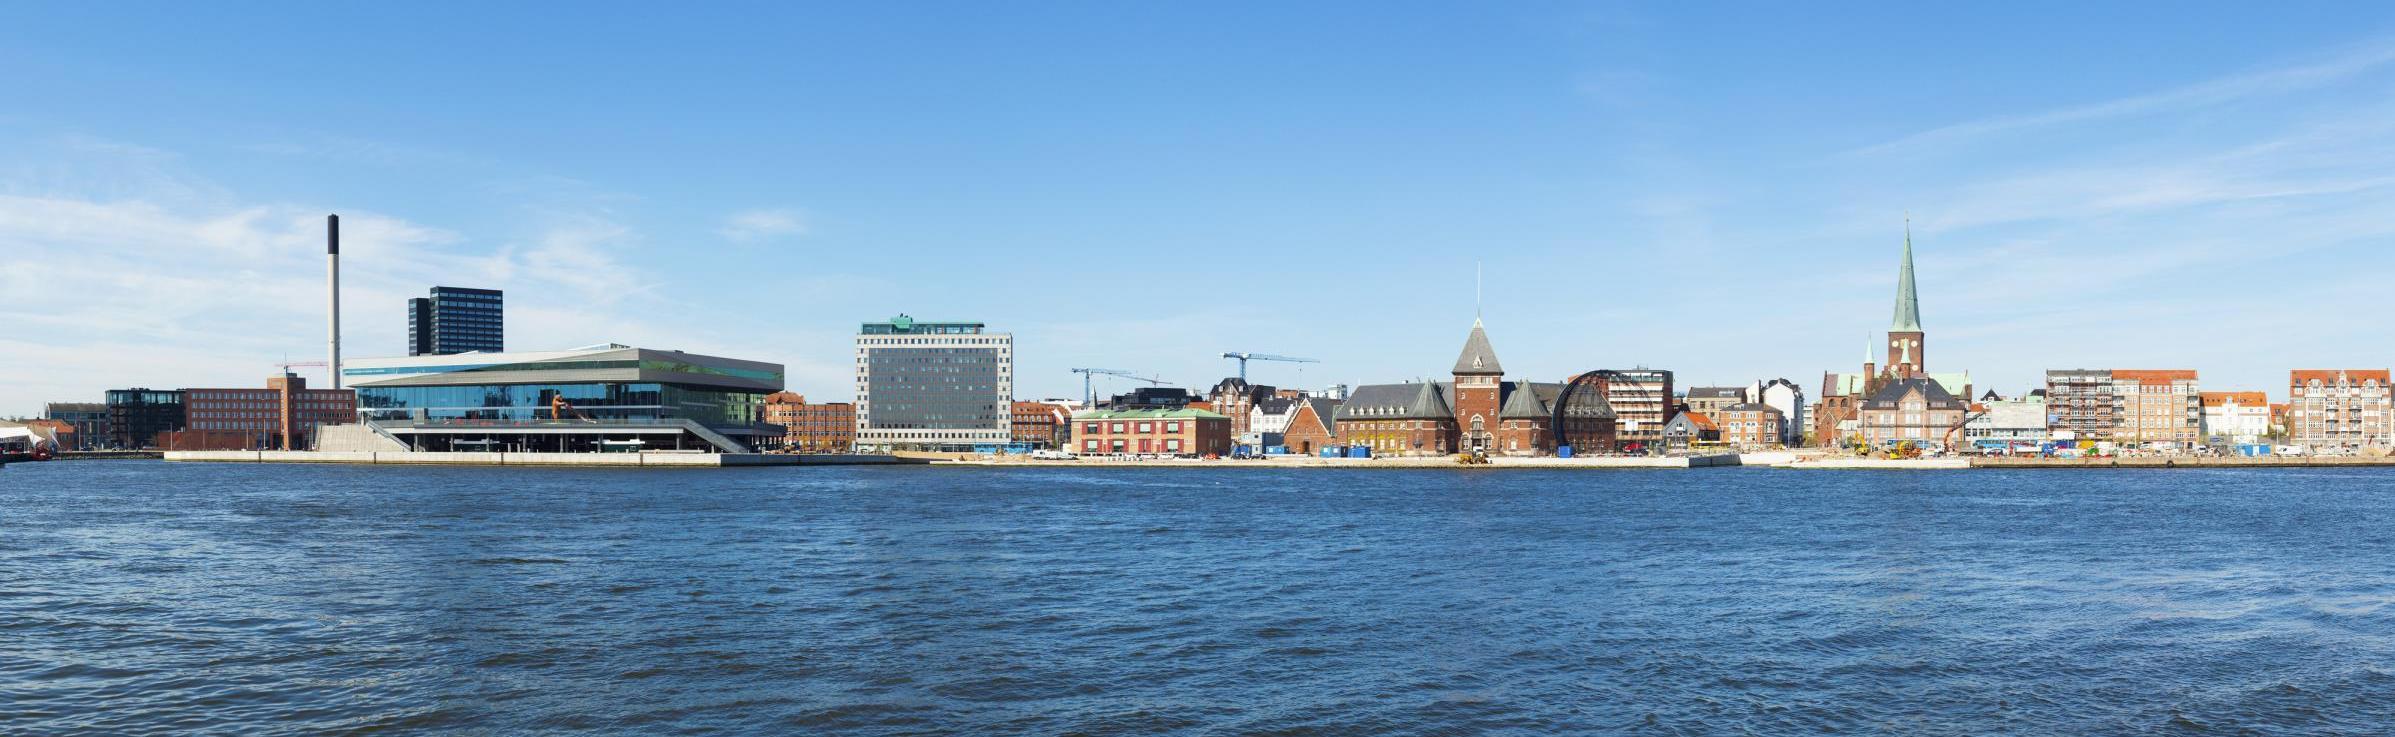 Keolis operates new light rail line in Denmark | SNCF